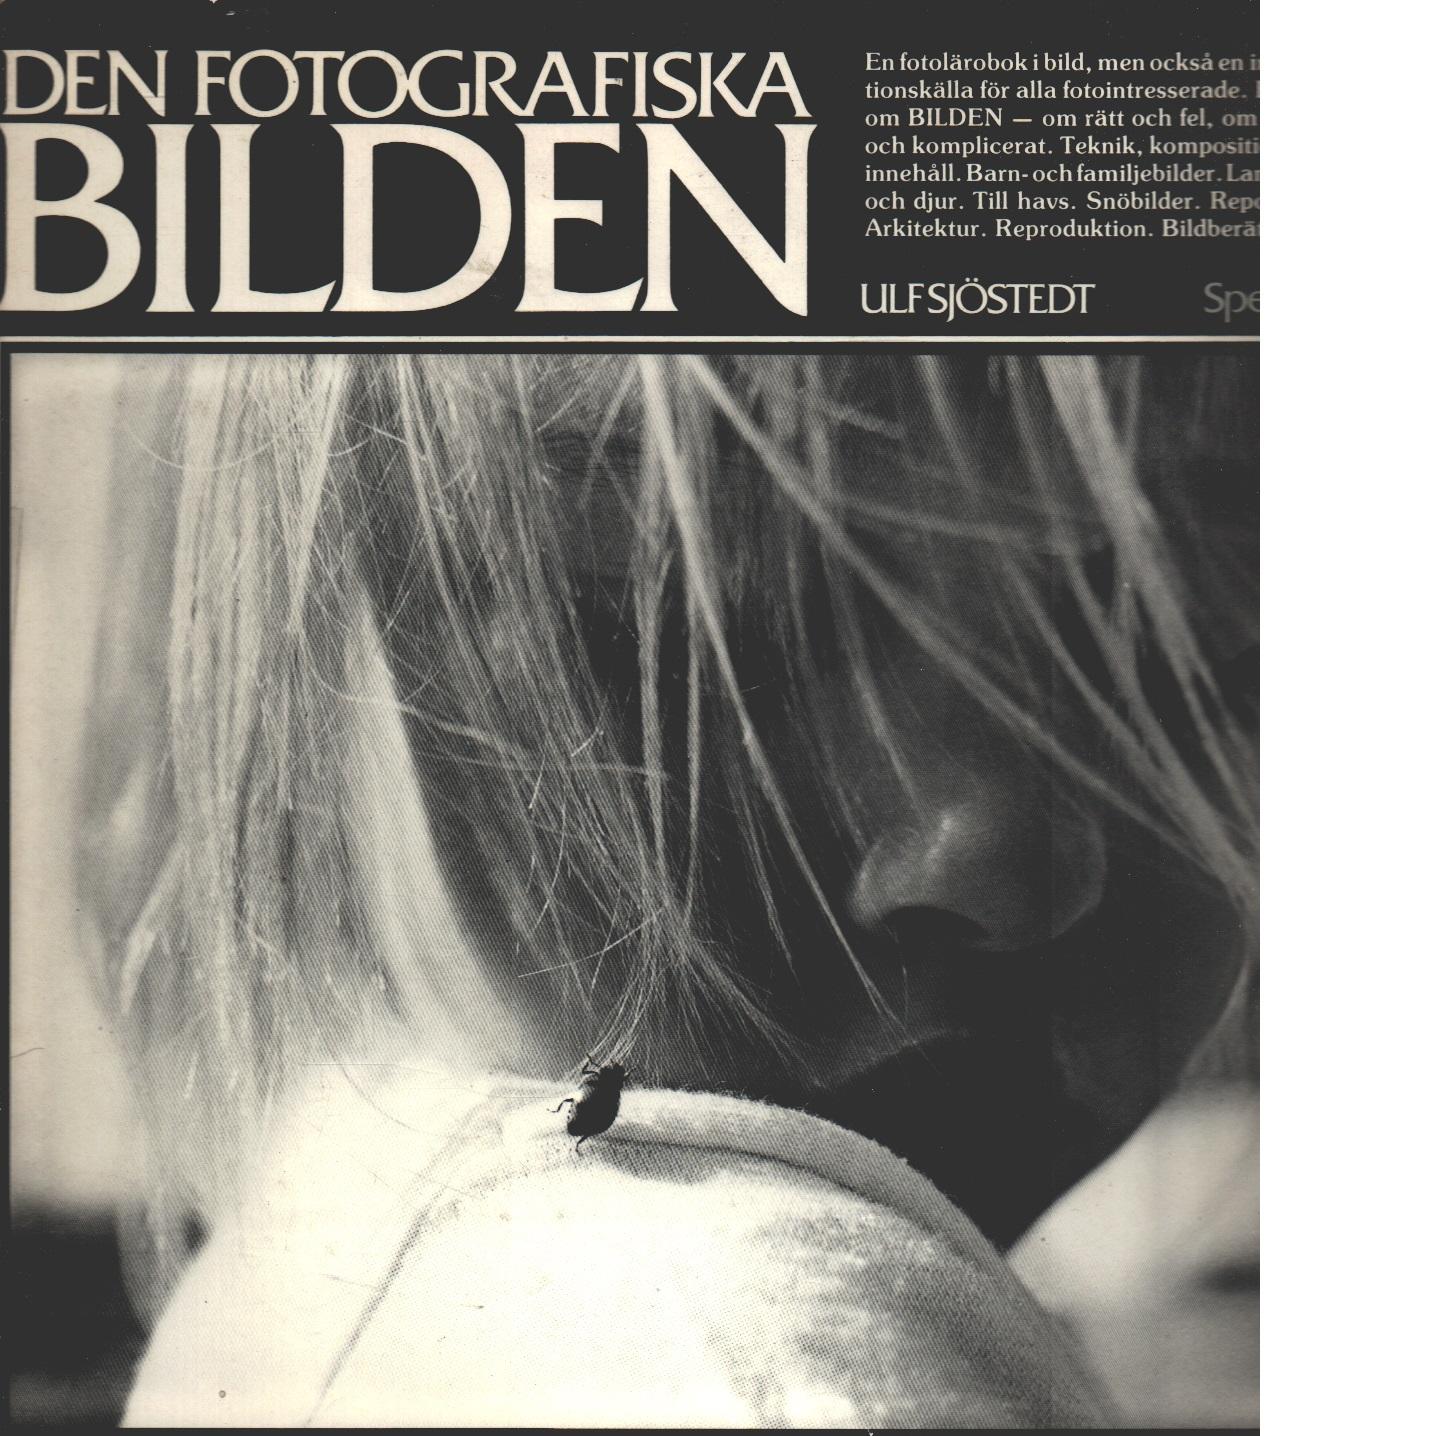 Den fotografiska bilden. Bild och text. - Sjöstedt, Ulf